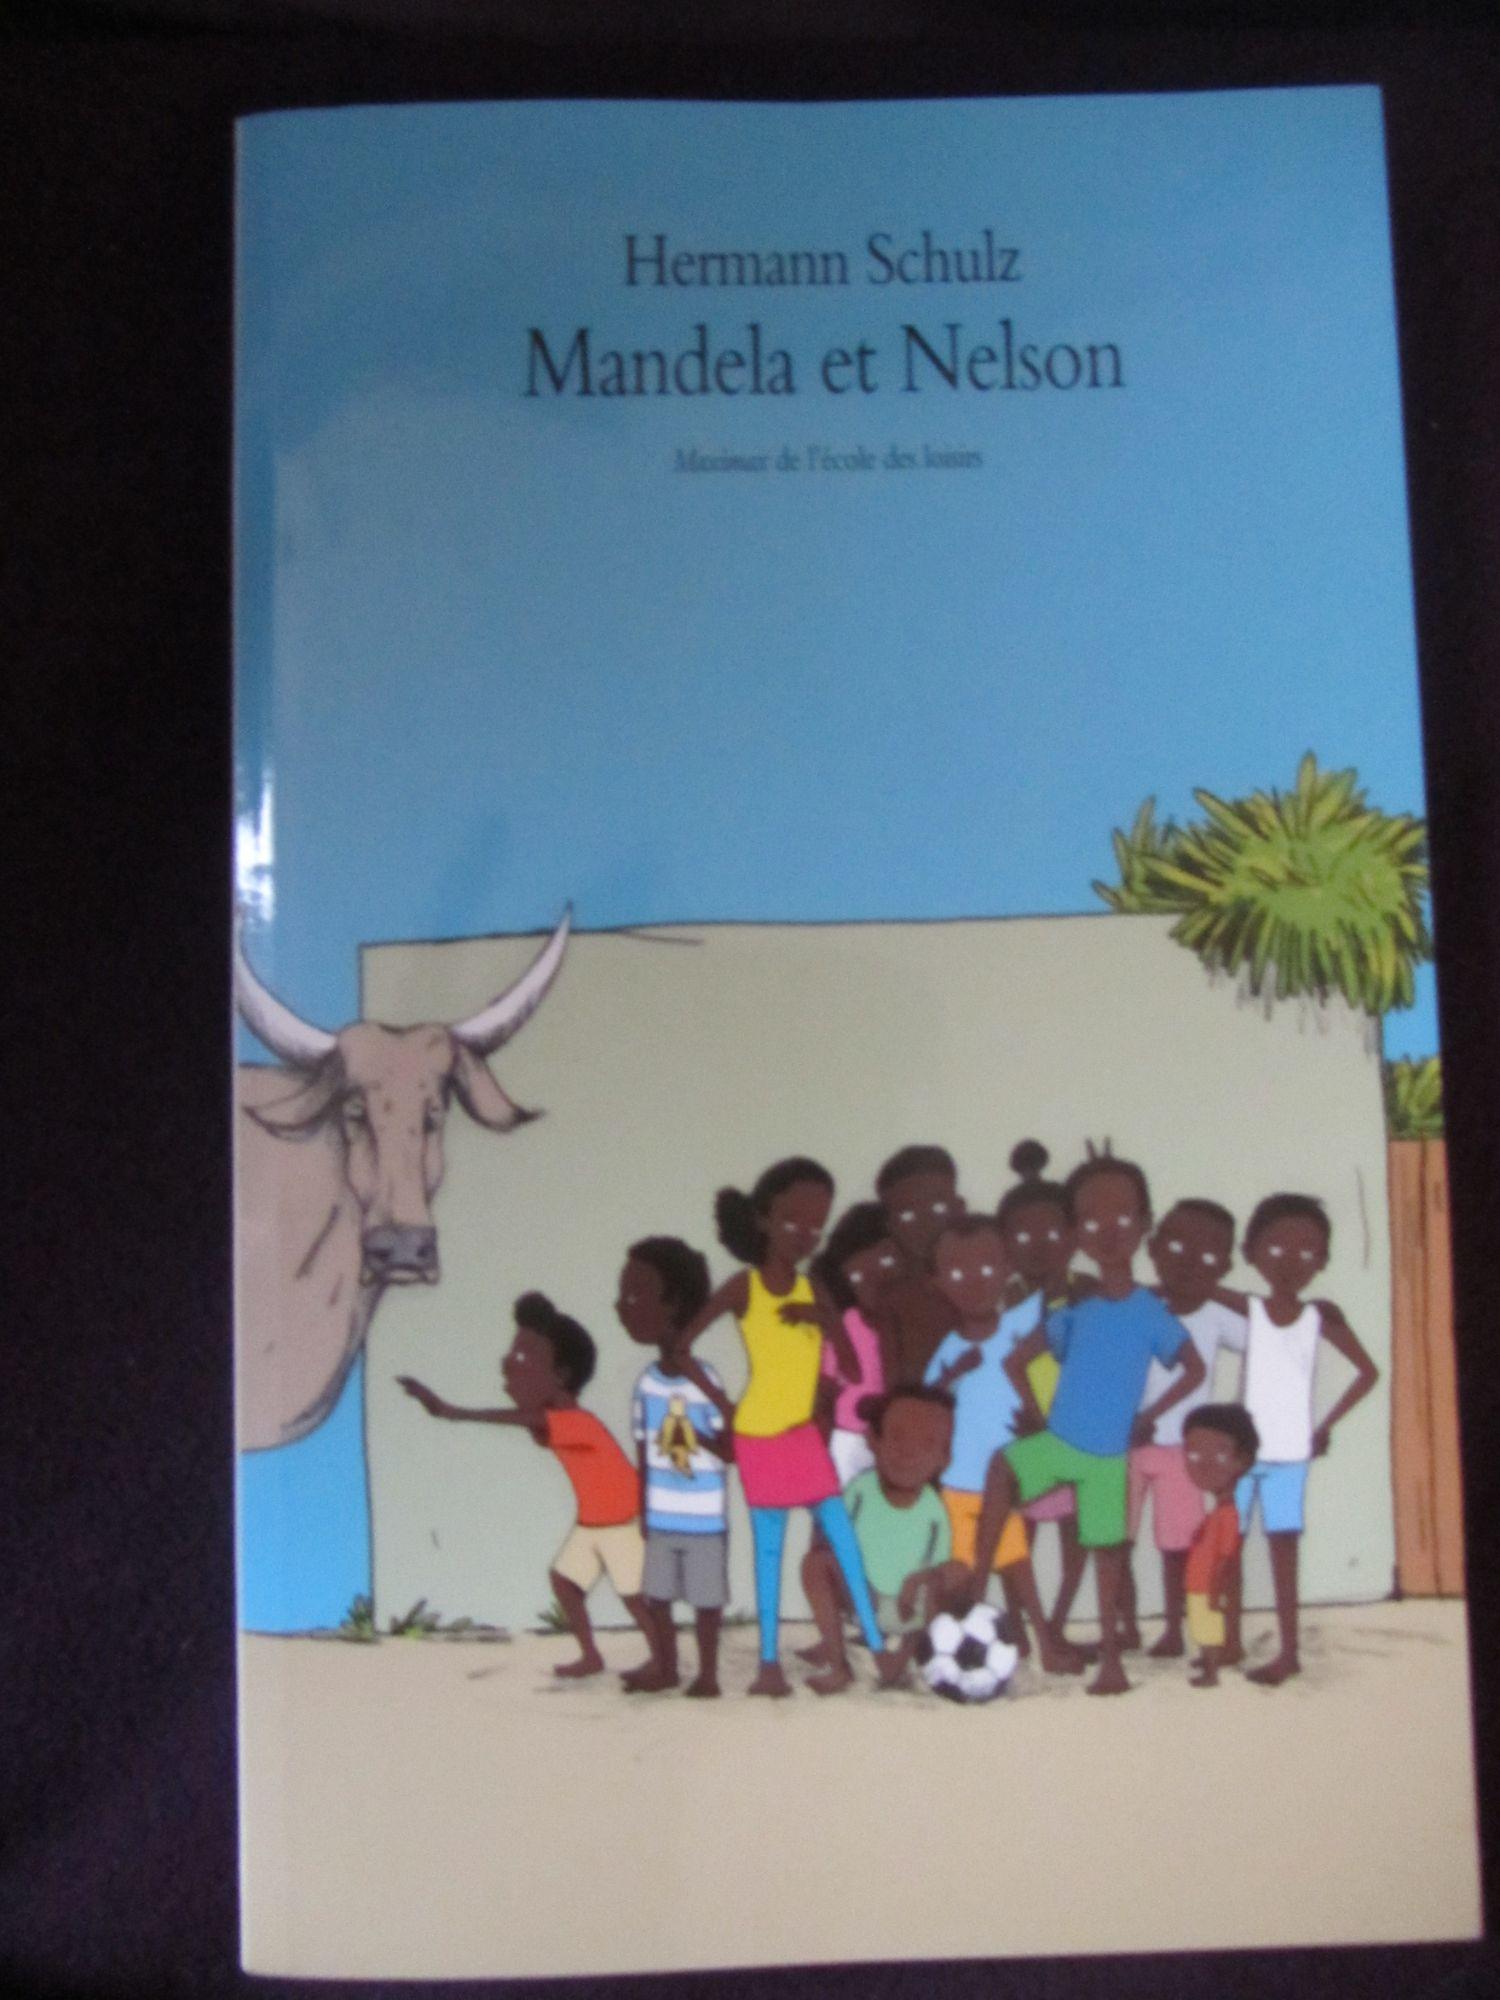 Mandela et Nelson